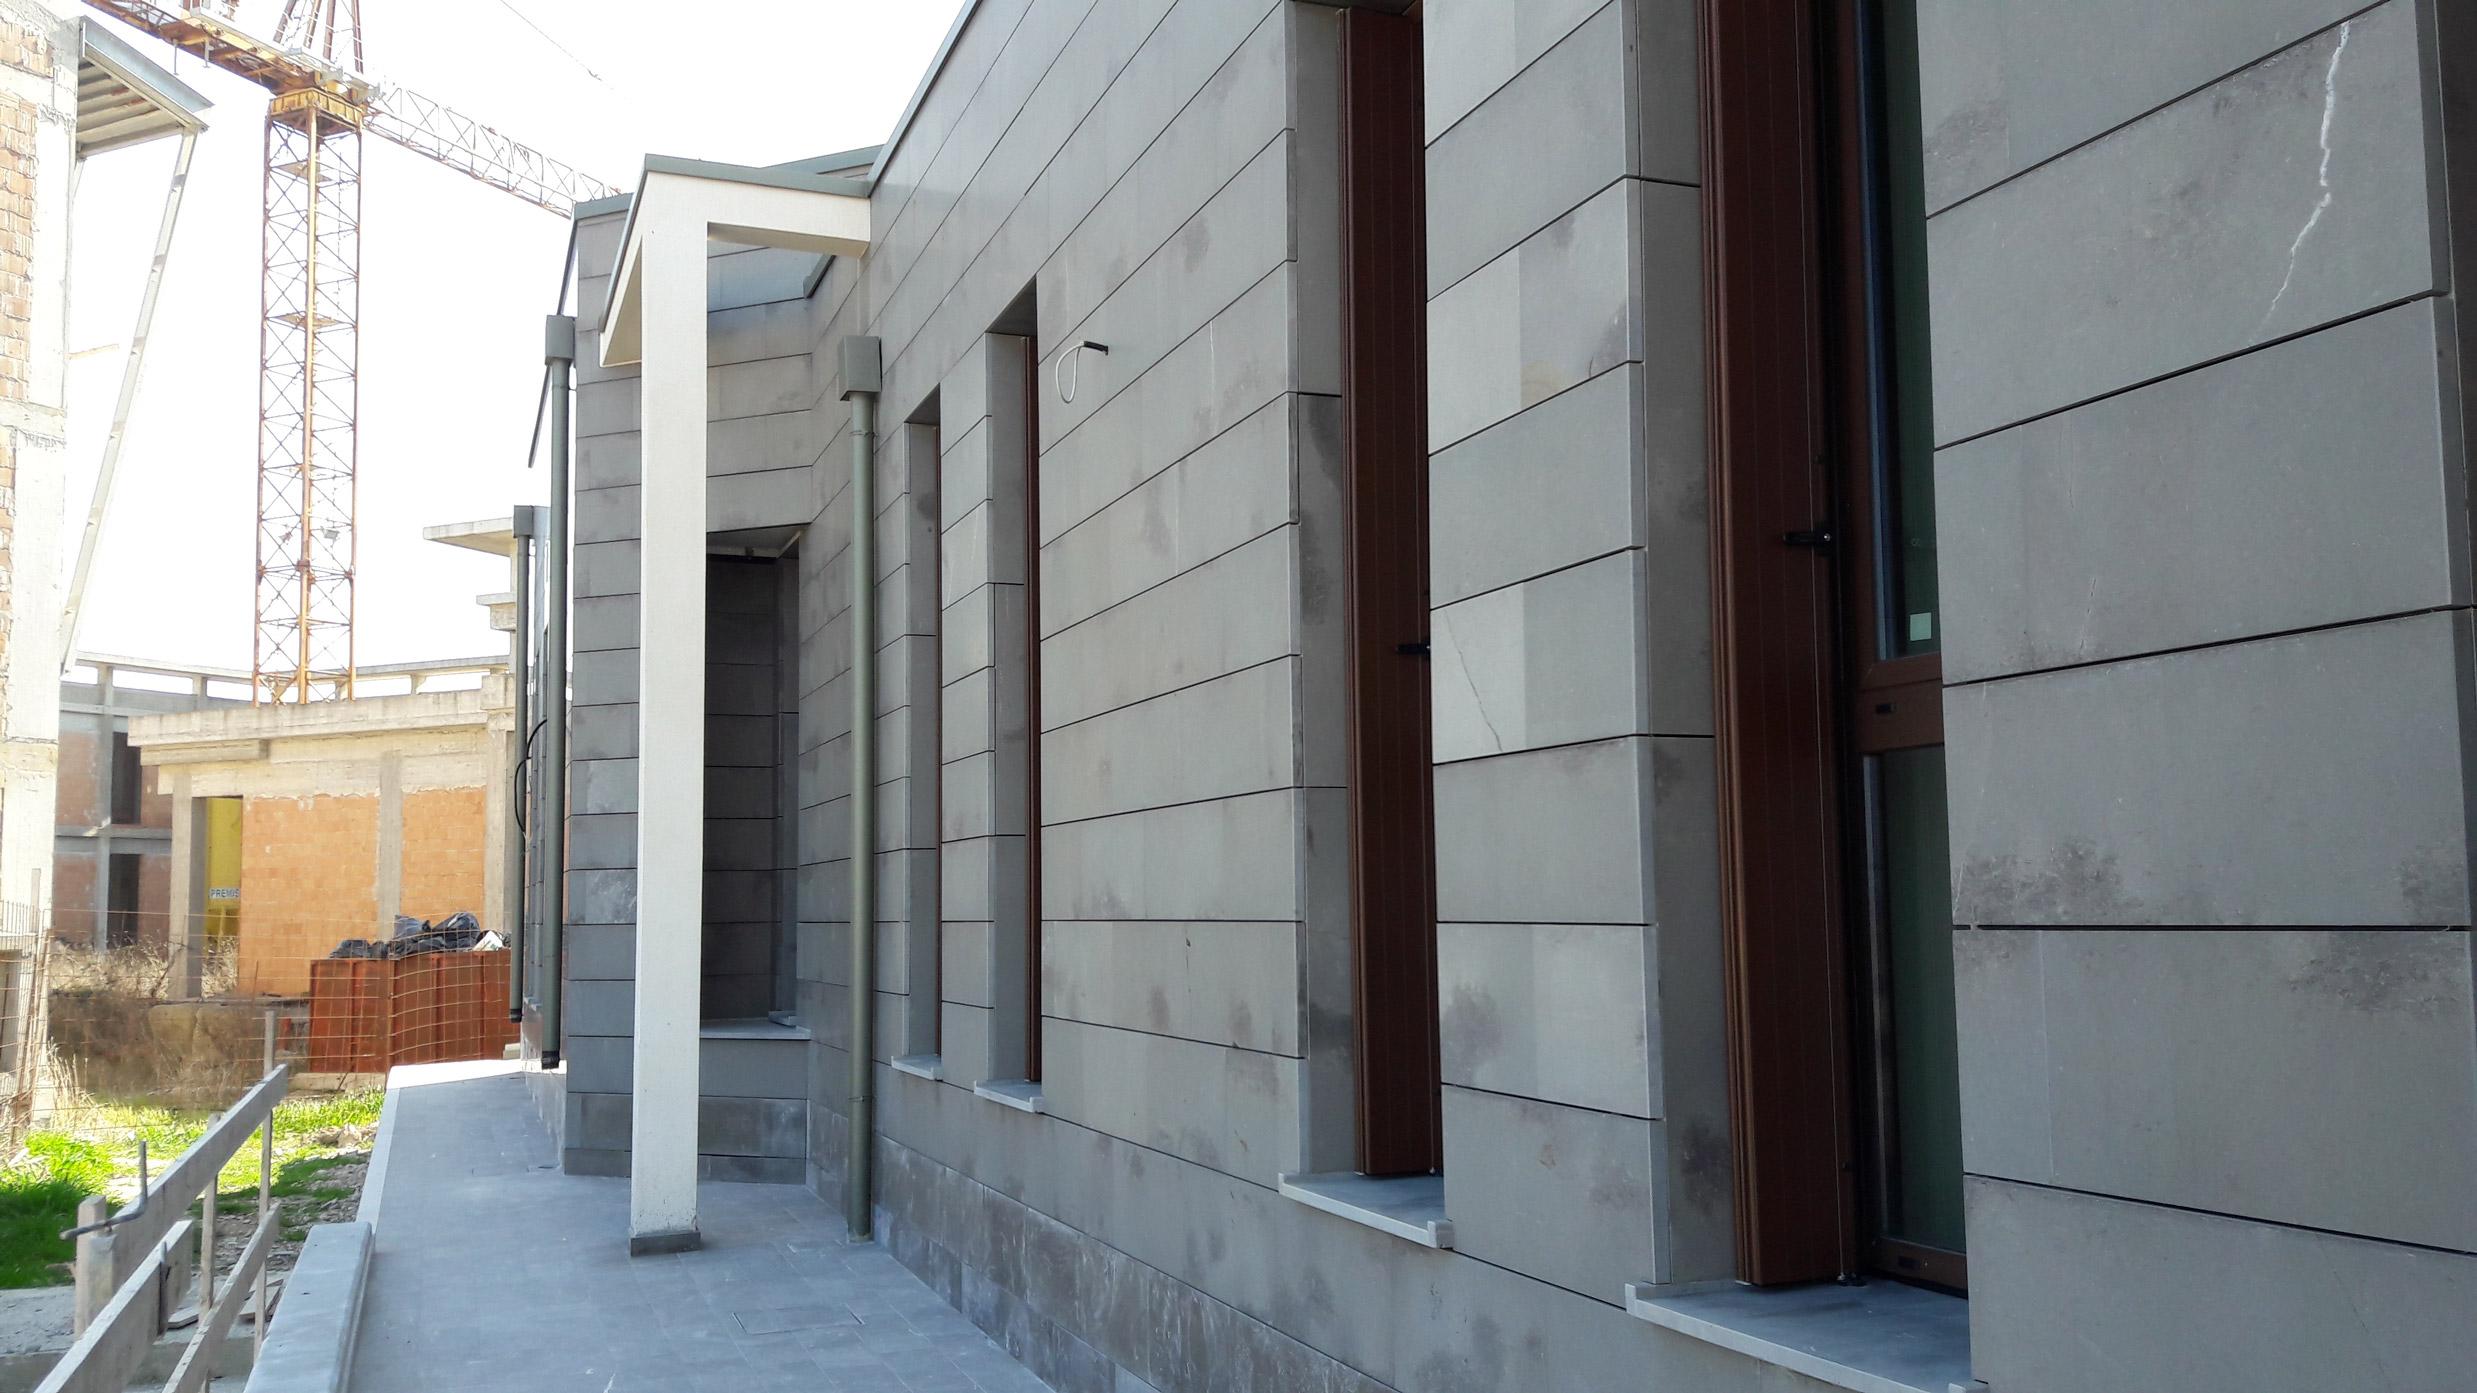 chiesa del carmine fano involucri in marmo sea infissi